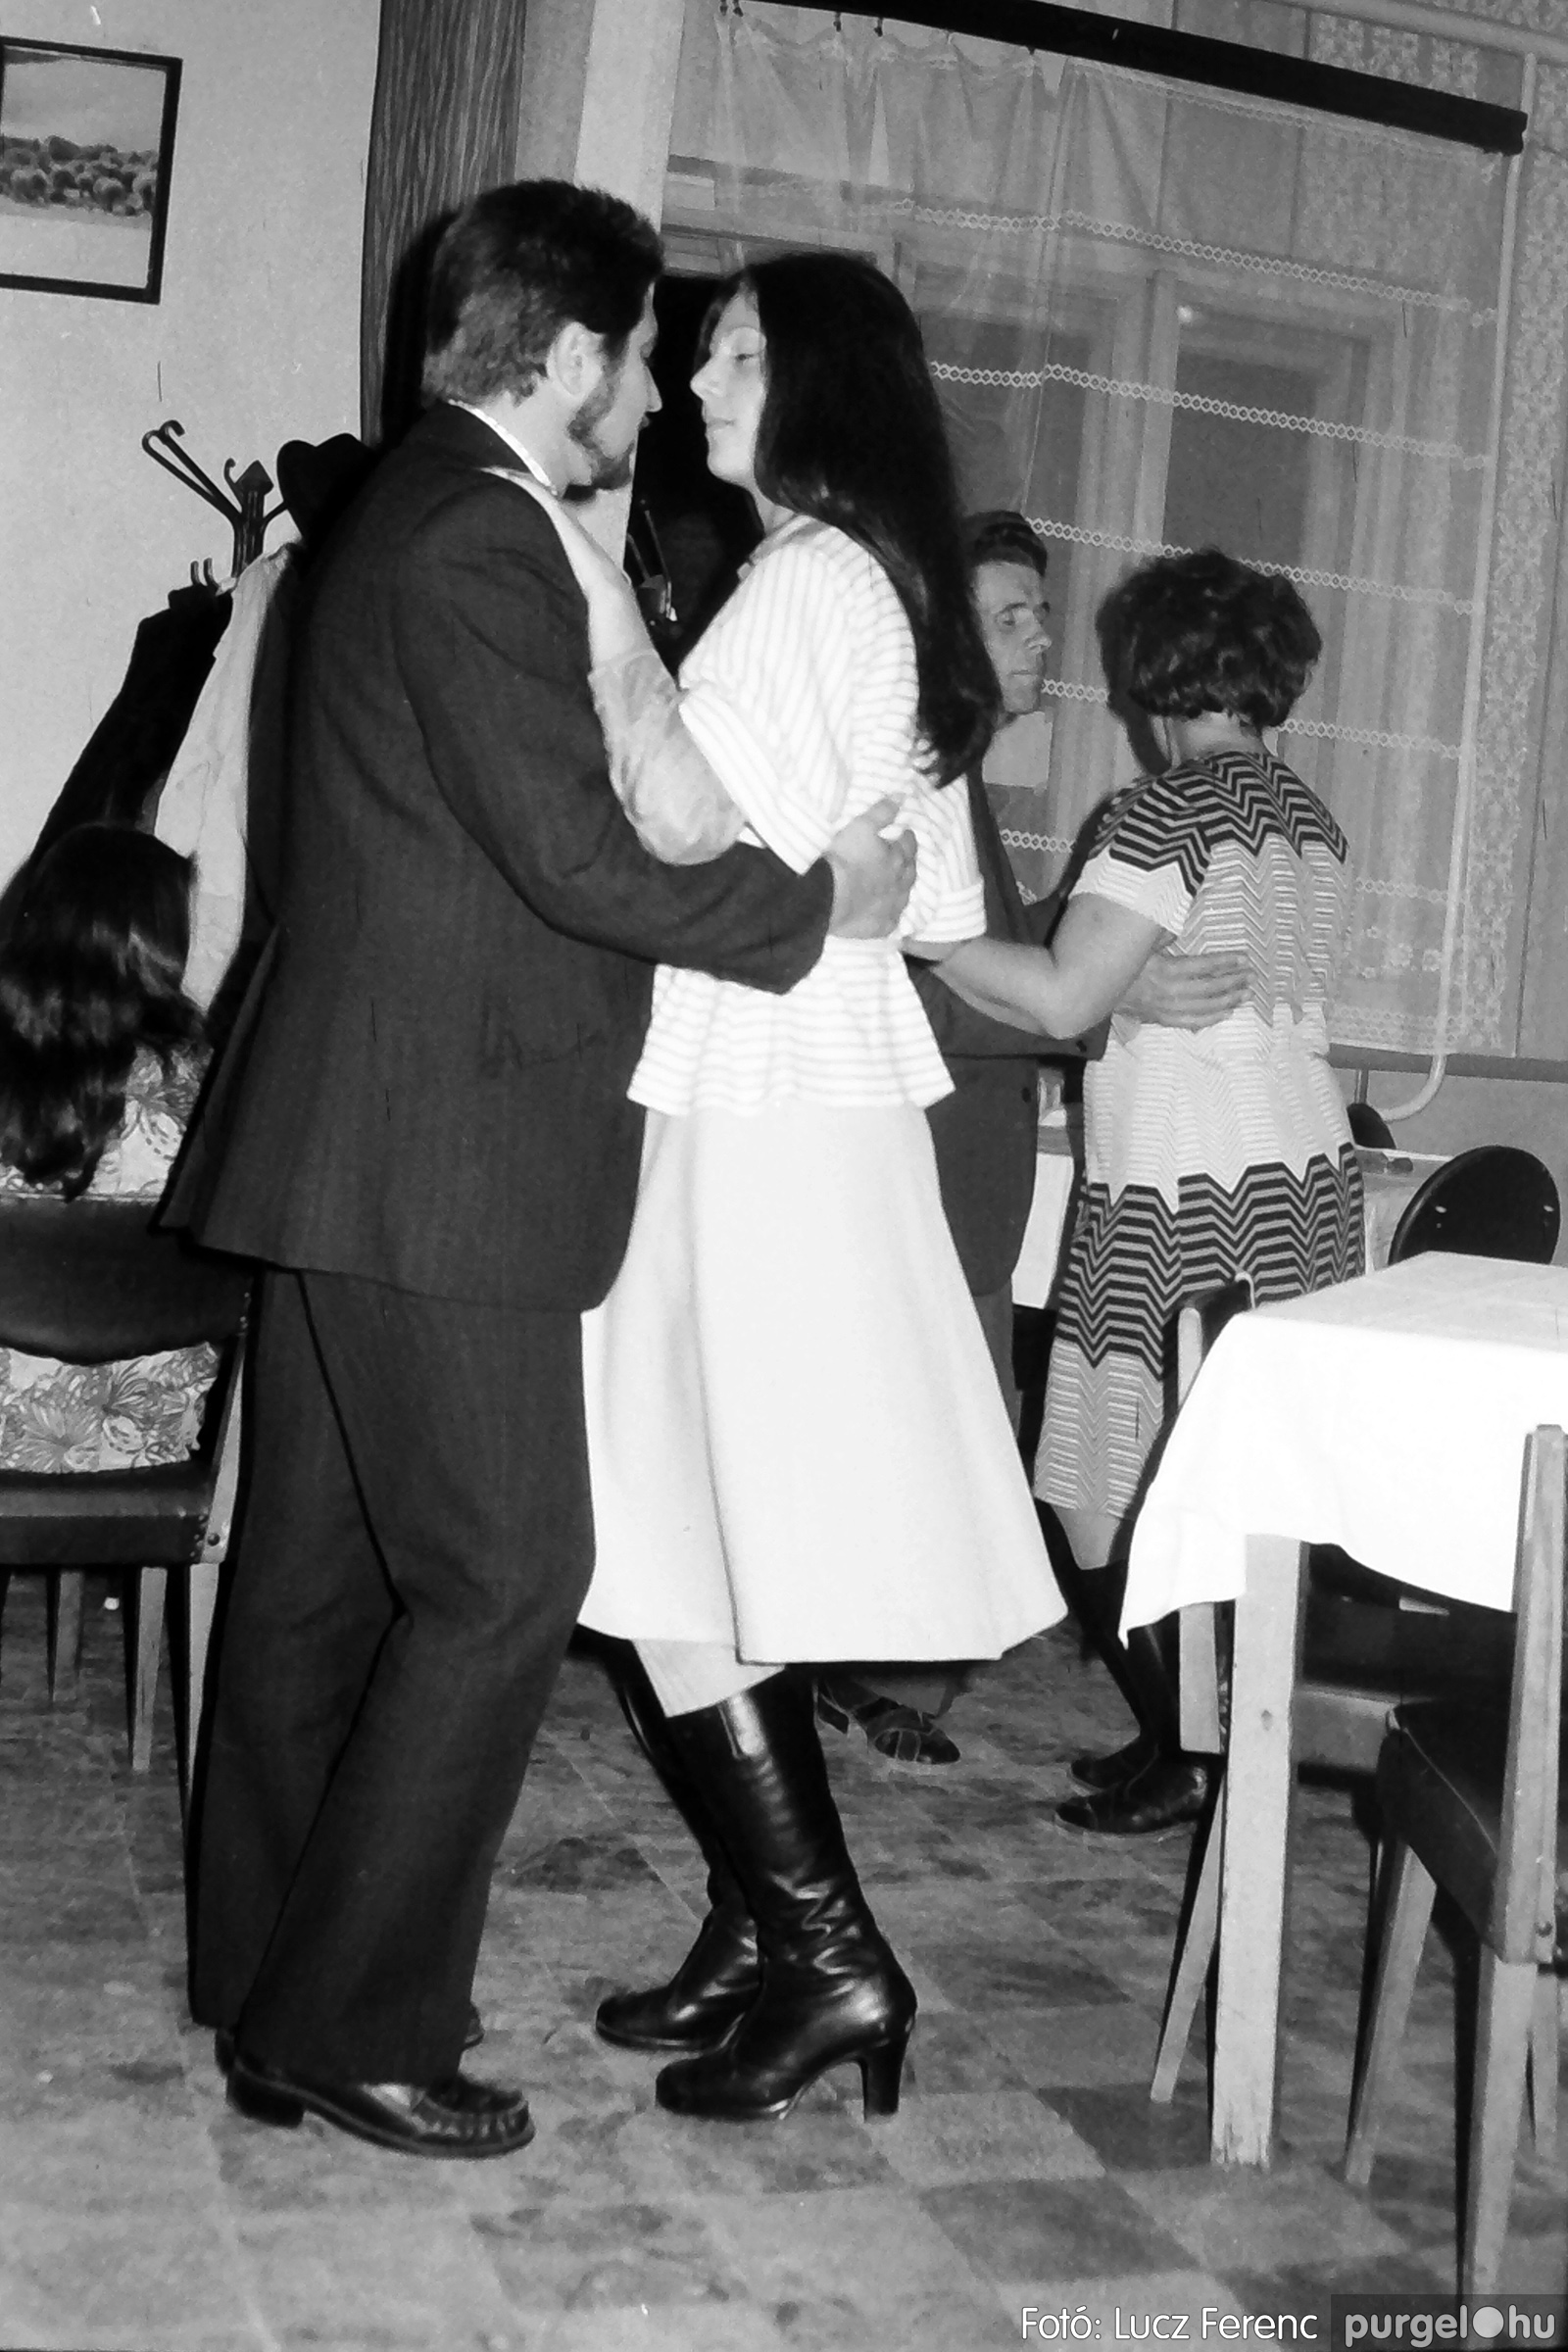 064-065. 1976. KTSZ-es dínomdánom a vendéglőben 027. - Fotó: Lucz Ferenc.jpg